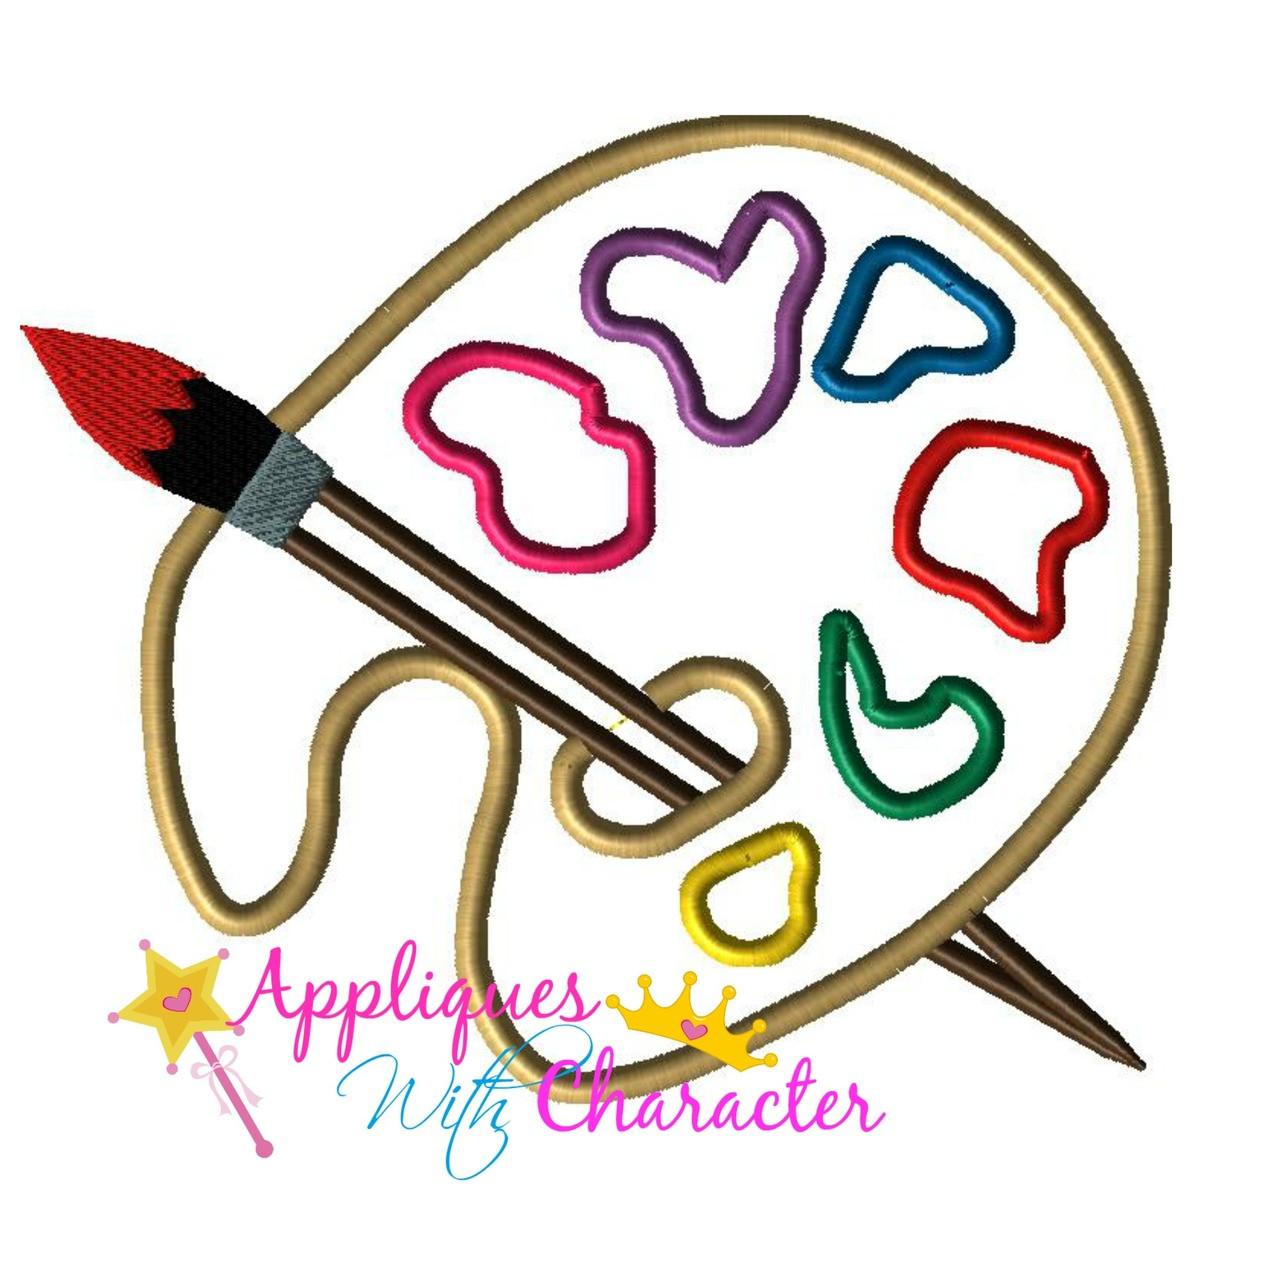 paint palette artist applique designappliques with character